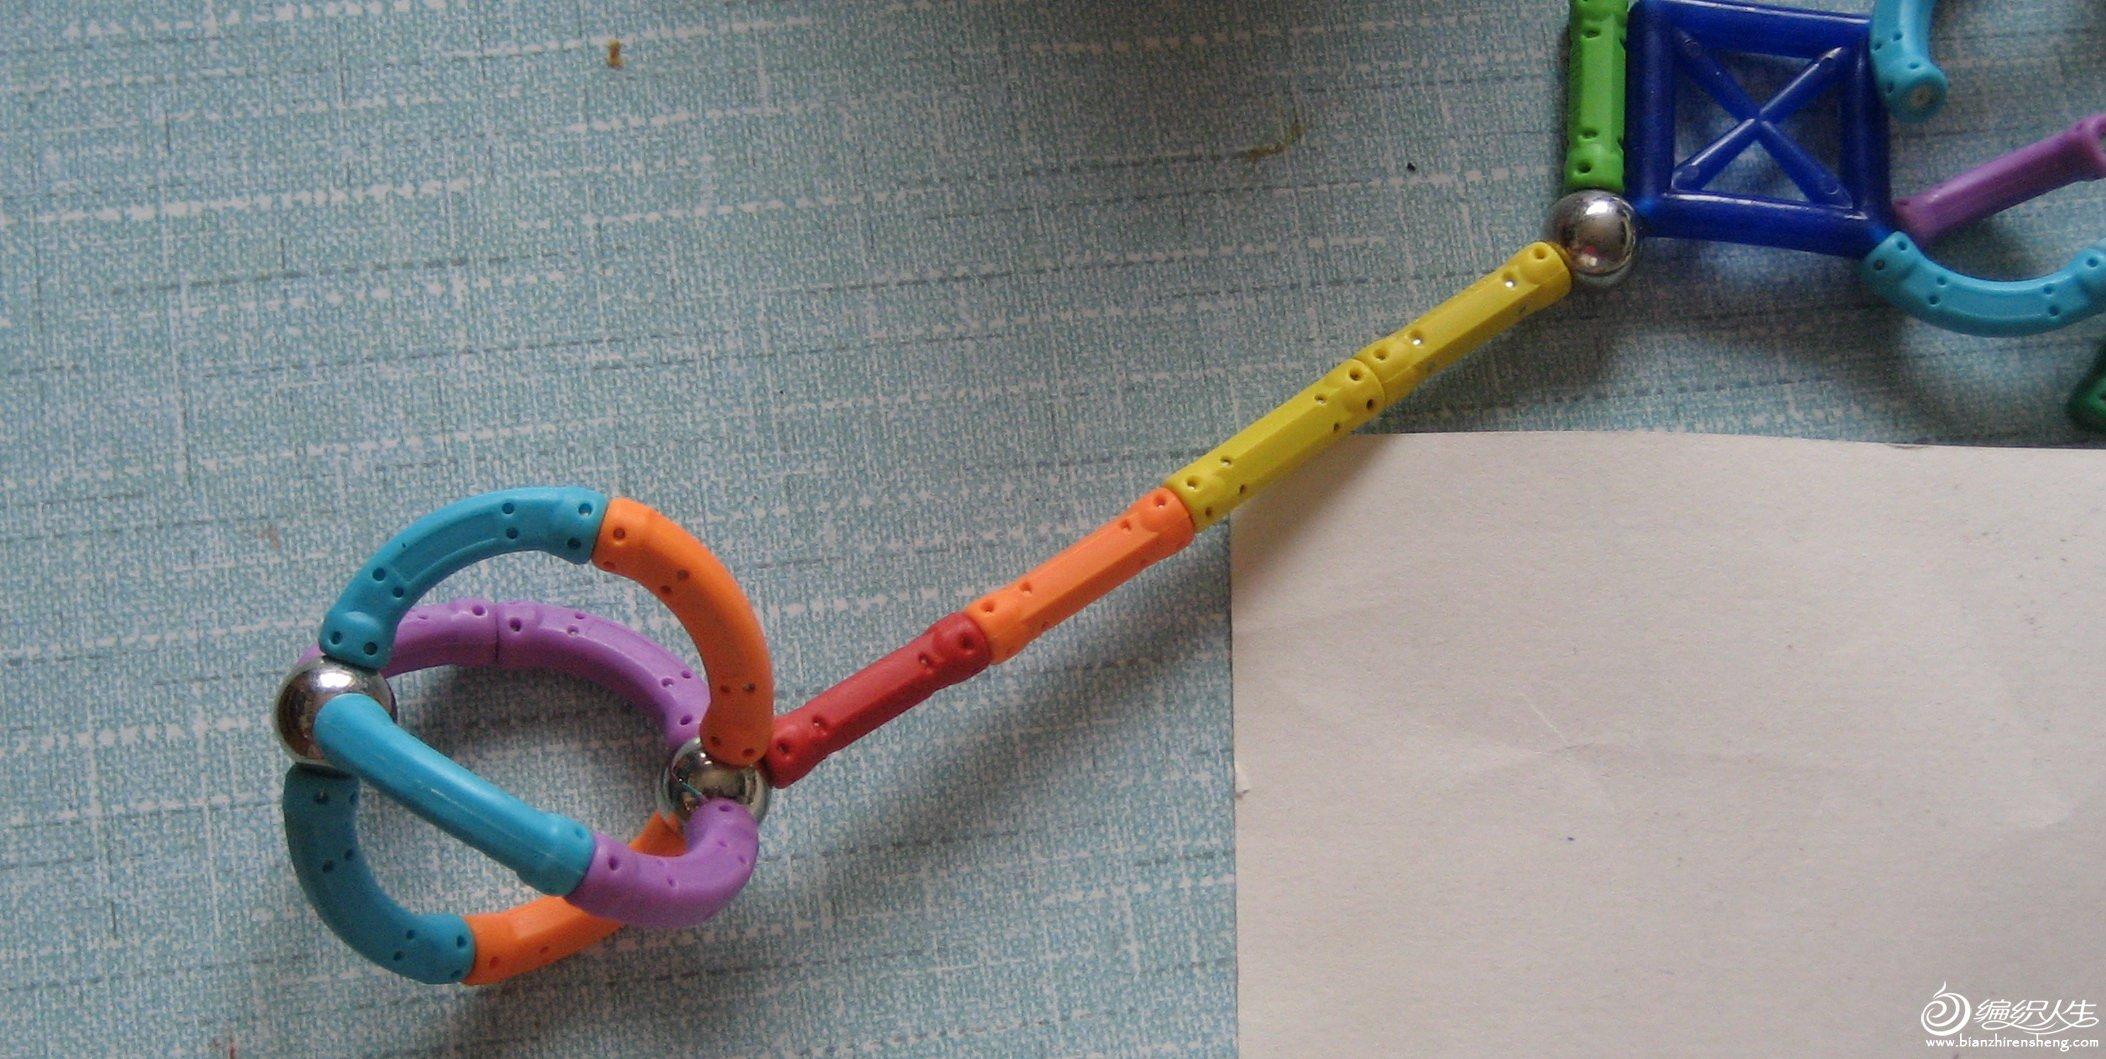 磁力棒短棒0.1元1根,弯棒0.12元1根,连接球0.08元1个,可拼成下图,买得多送切水果玩具